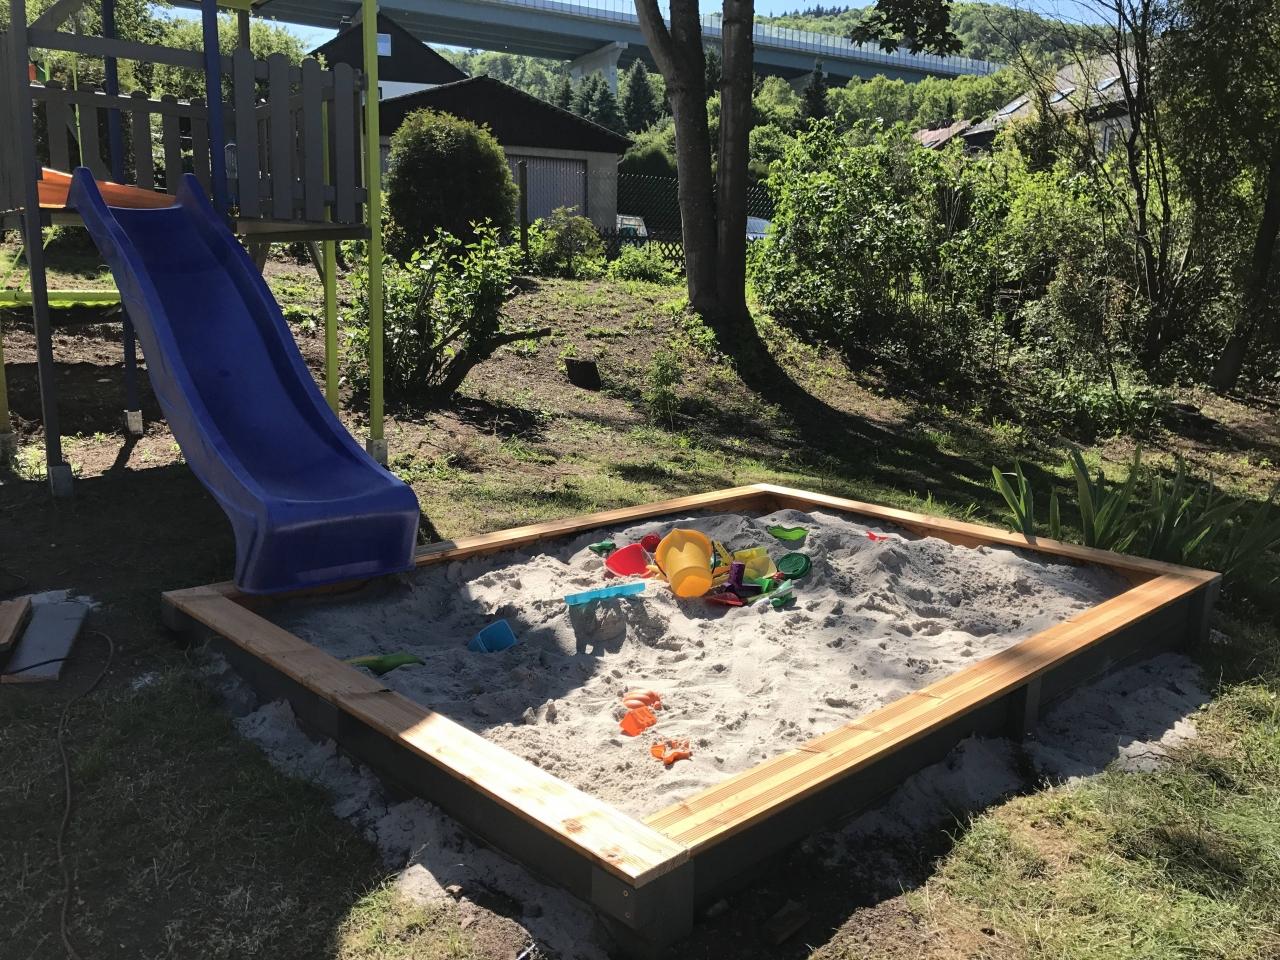 sandkasten für das spielhaus - bauanleitung zum selberbauen - 1-2-do